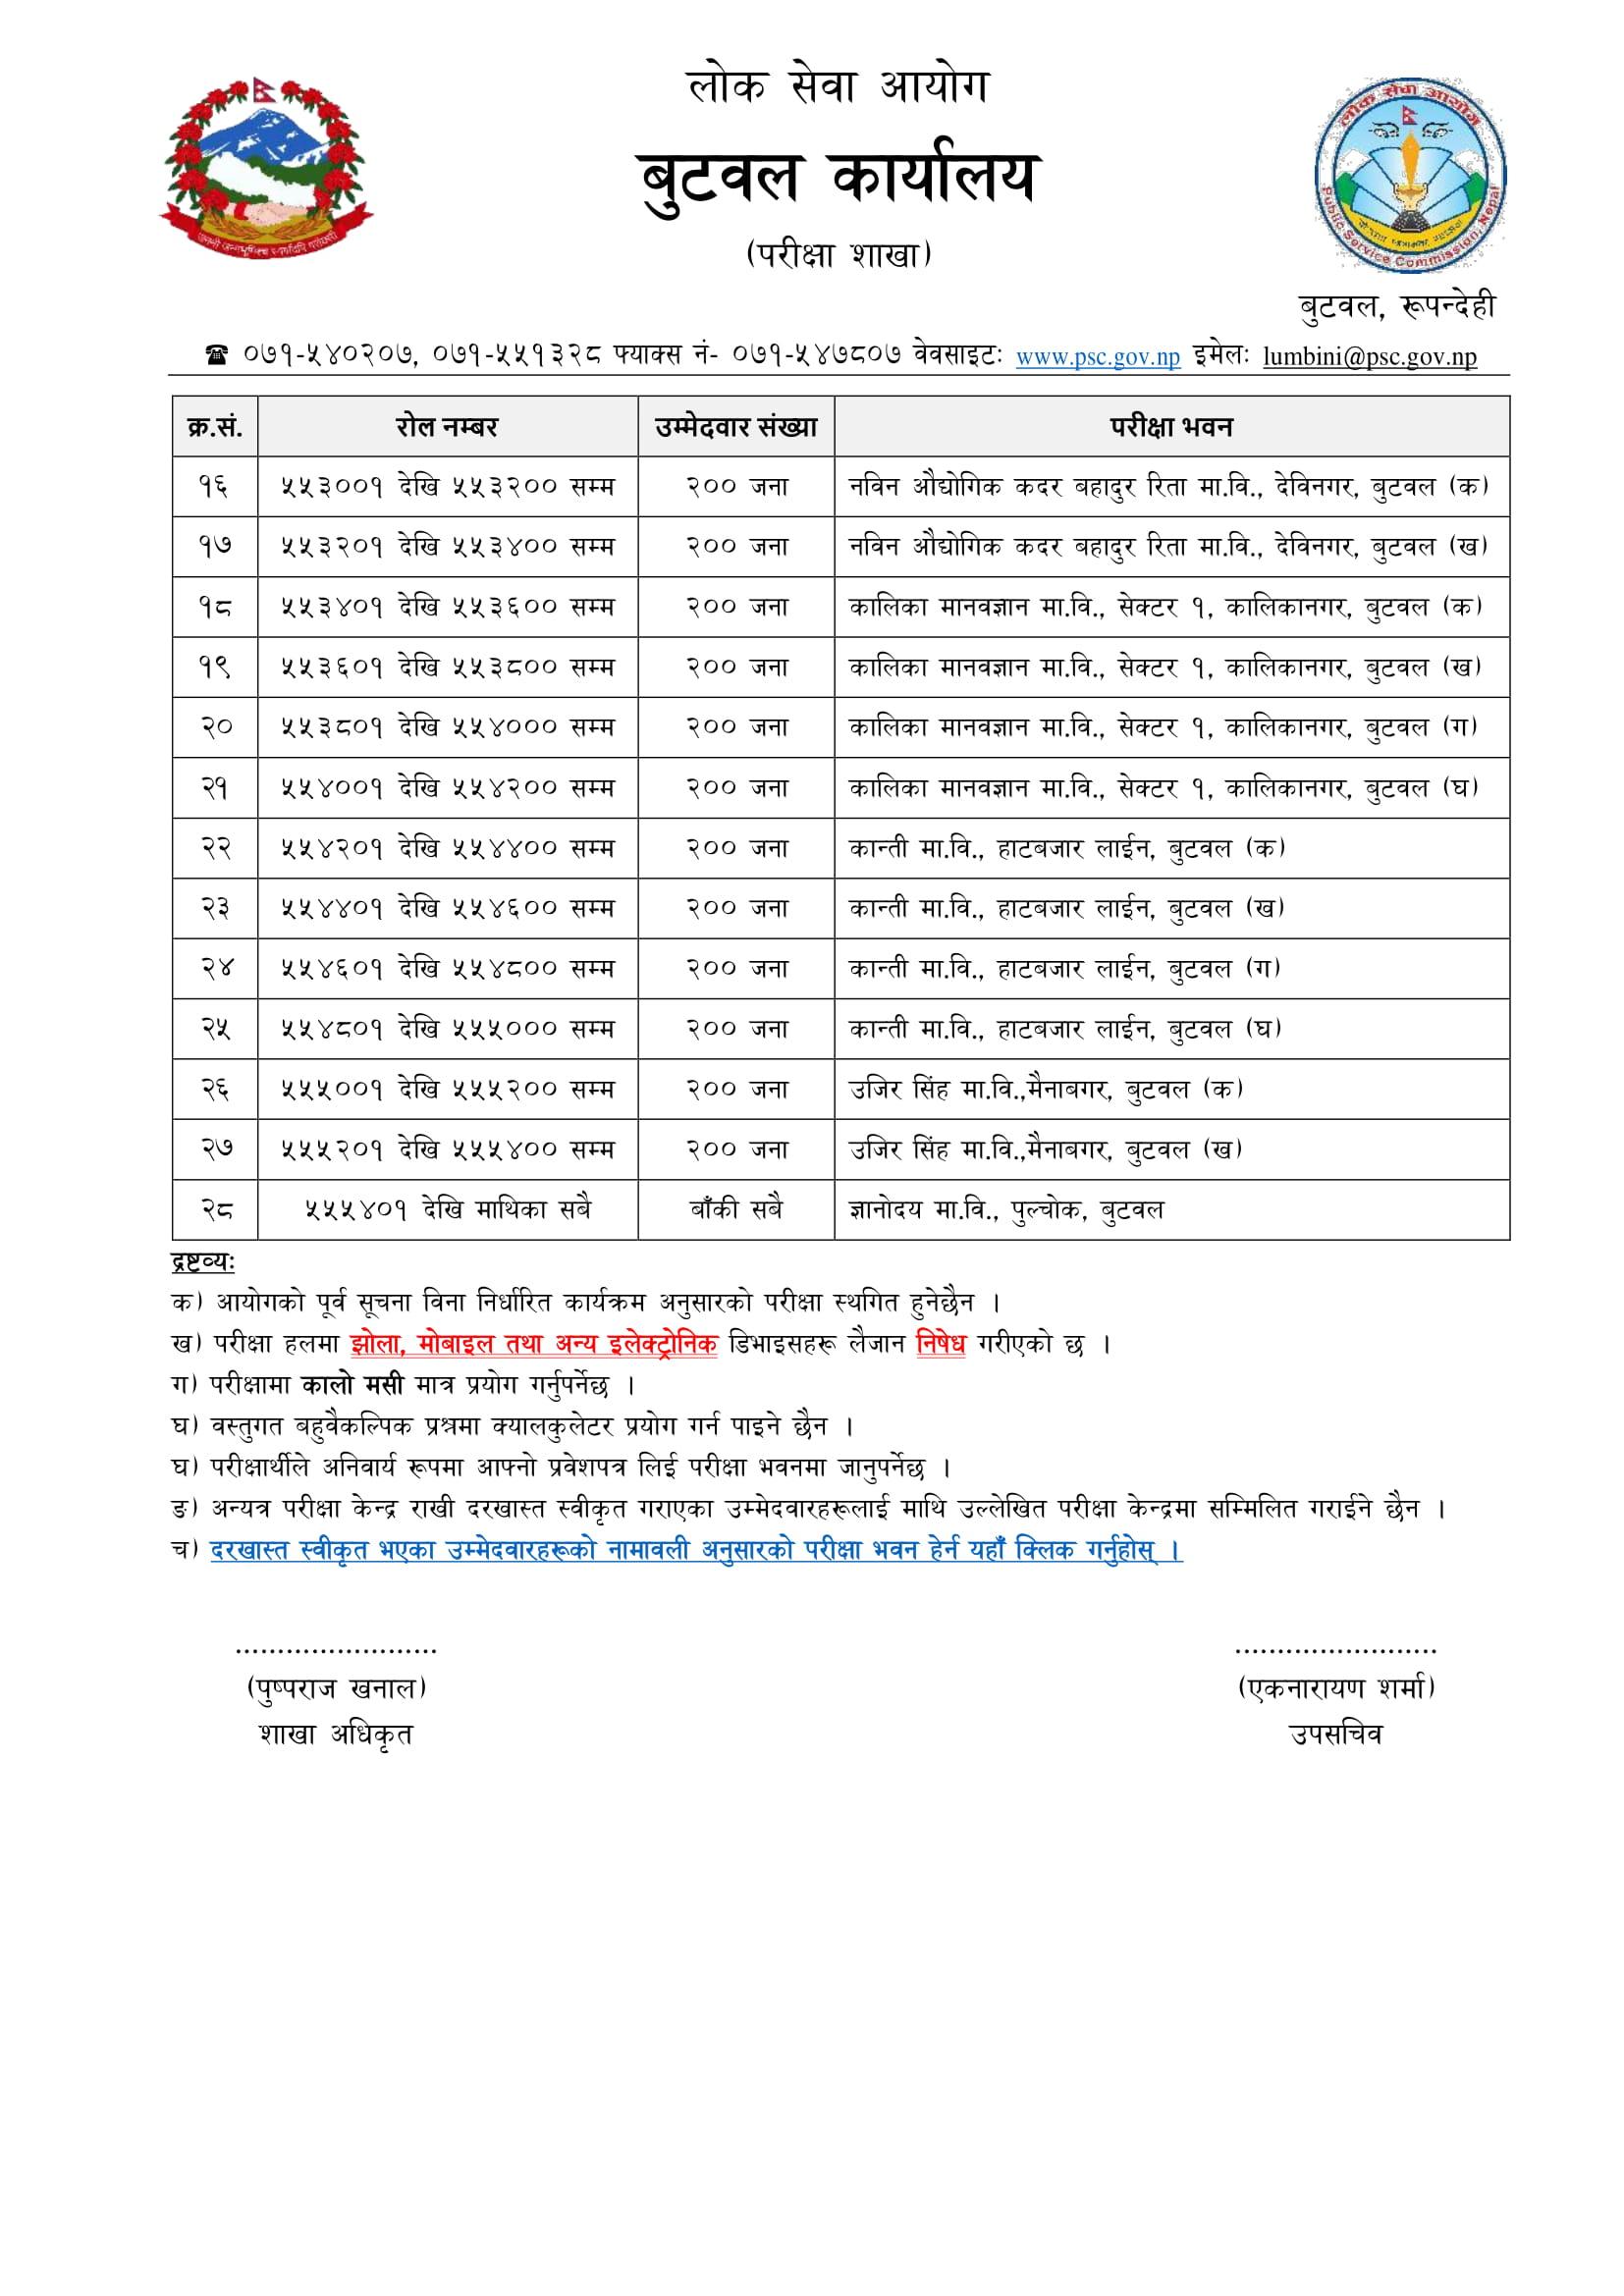 Lok Sewa Aayog Prasa Exam Center,  Lok Sewa Aayog Prasa Exam Center 2076,  Lok Sewa Aayog Prasa Exam Center Butwal,  Prasa Exam Center Butwal, Prasa Exam Center Butwal 2076, Lok Sewa Prasa Exam Center Butwal, PSC Prasa Exam Center Butwal, Butwal Prasa Exam Center,  Lok Sewa Aayog Prabidhik Sahayak Exam Center,  Lok Sewa Aayog Prabidhik Sahayak Exam Center 2076,  Lok Sewa Aayog Prabidhik Sahayak Exam Center Butwal,  Prabidhik Sahayak Exam Center Butwal, Prabidhik Sahayak Exam Center Butwal 2076, Lok Sewa Prabidhik Sahayak Exam Center Butwal, PSC Prabidhik Sahayak Exam Center Butwal, Butwal Prabidhik Sahayak Exam Center,  Prasa Exam Center,  Prabidhik Sahayak Exam Center,  Prasa Exam Center 2076,  Prabidhik Sahayak Exam Center 2076,